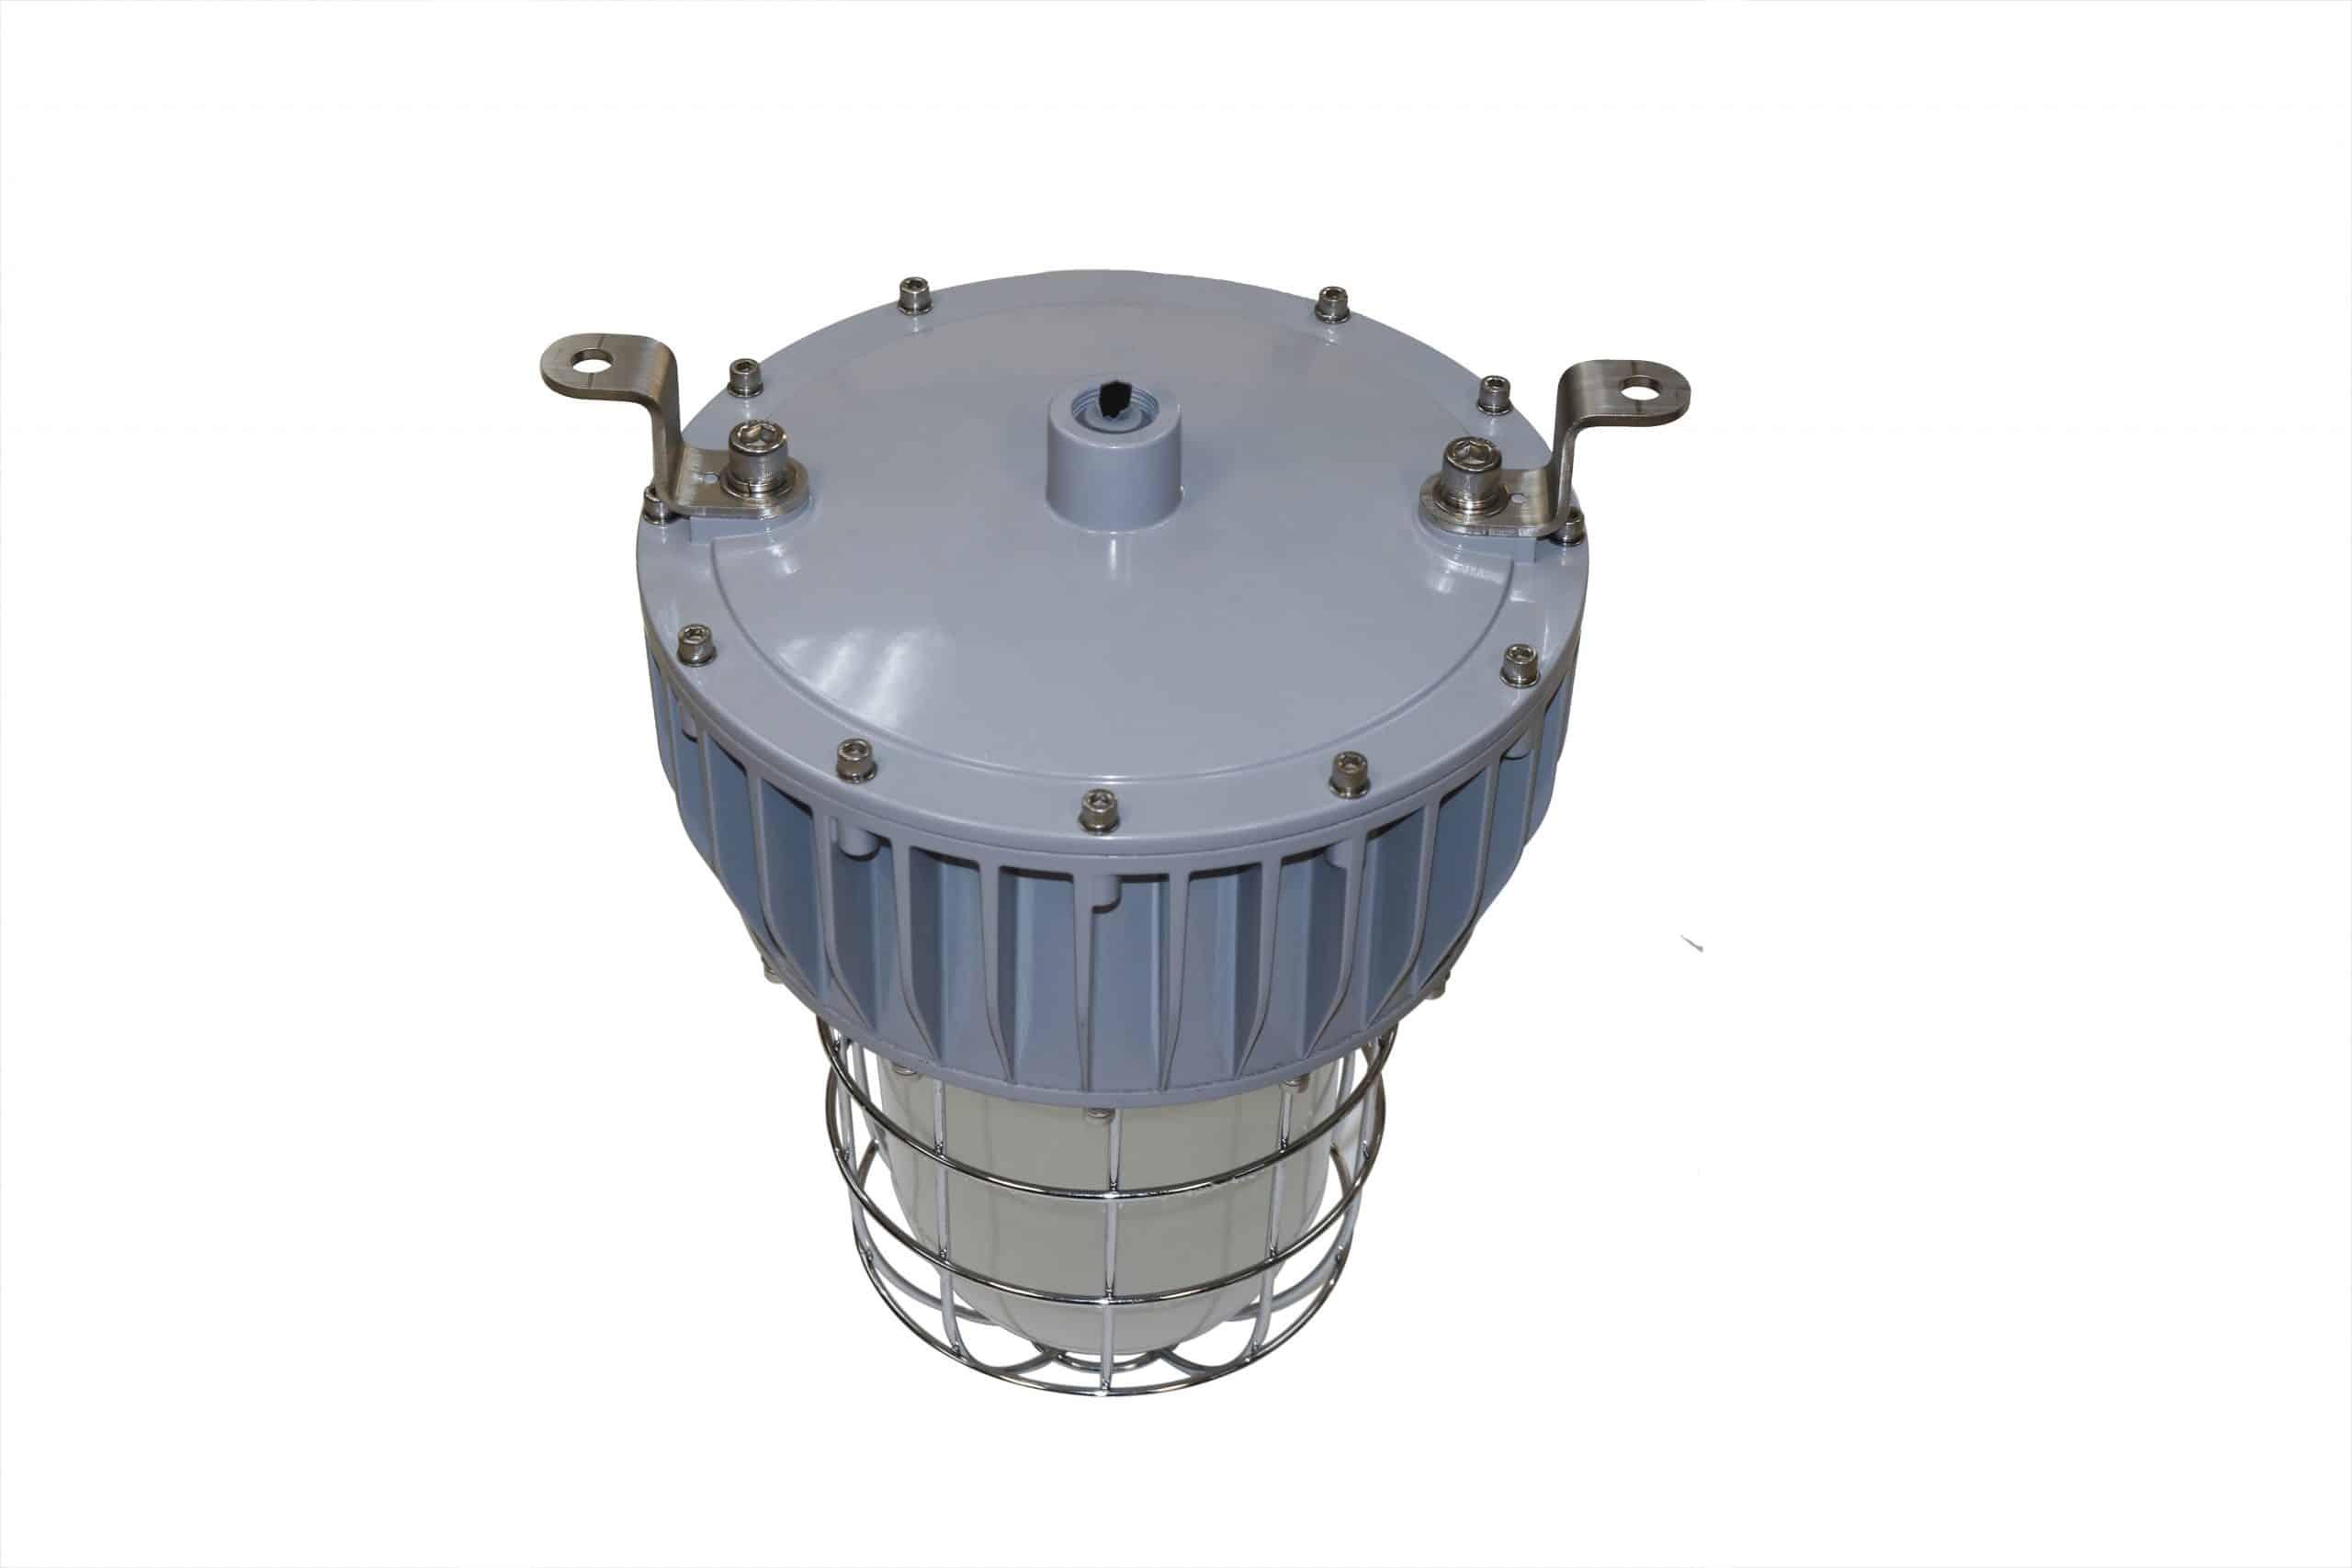 Luminaria-ATEX-F-SIDE-1-scaled.jpg